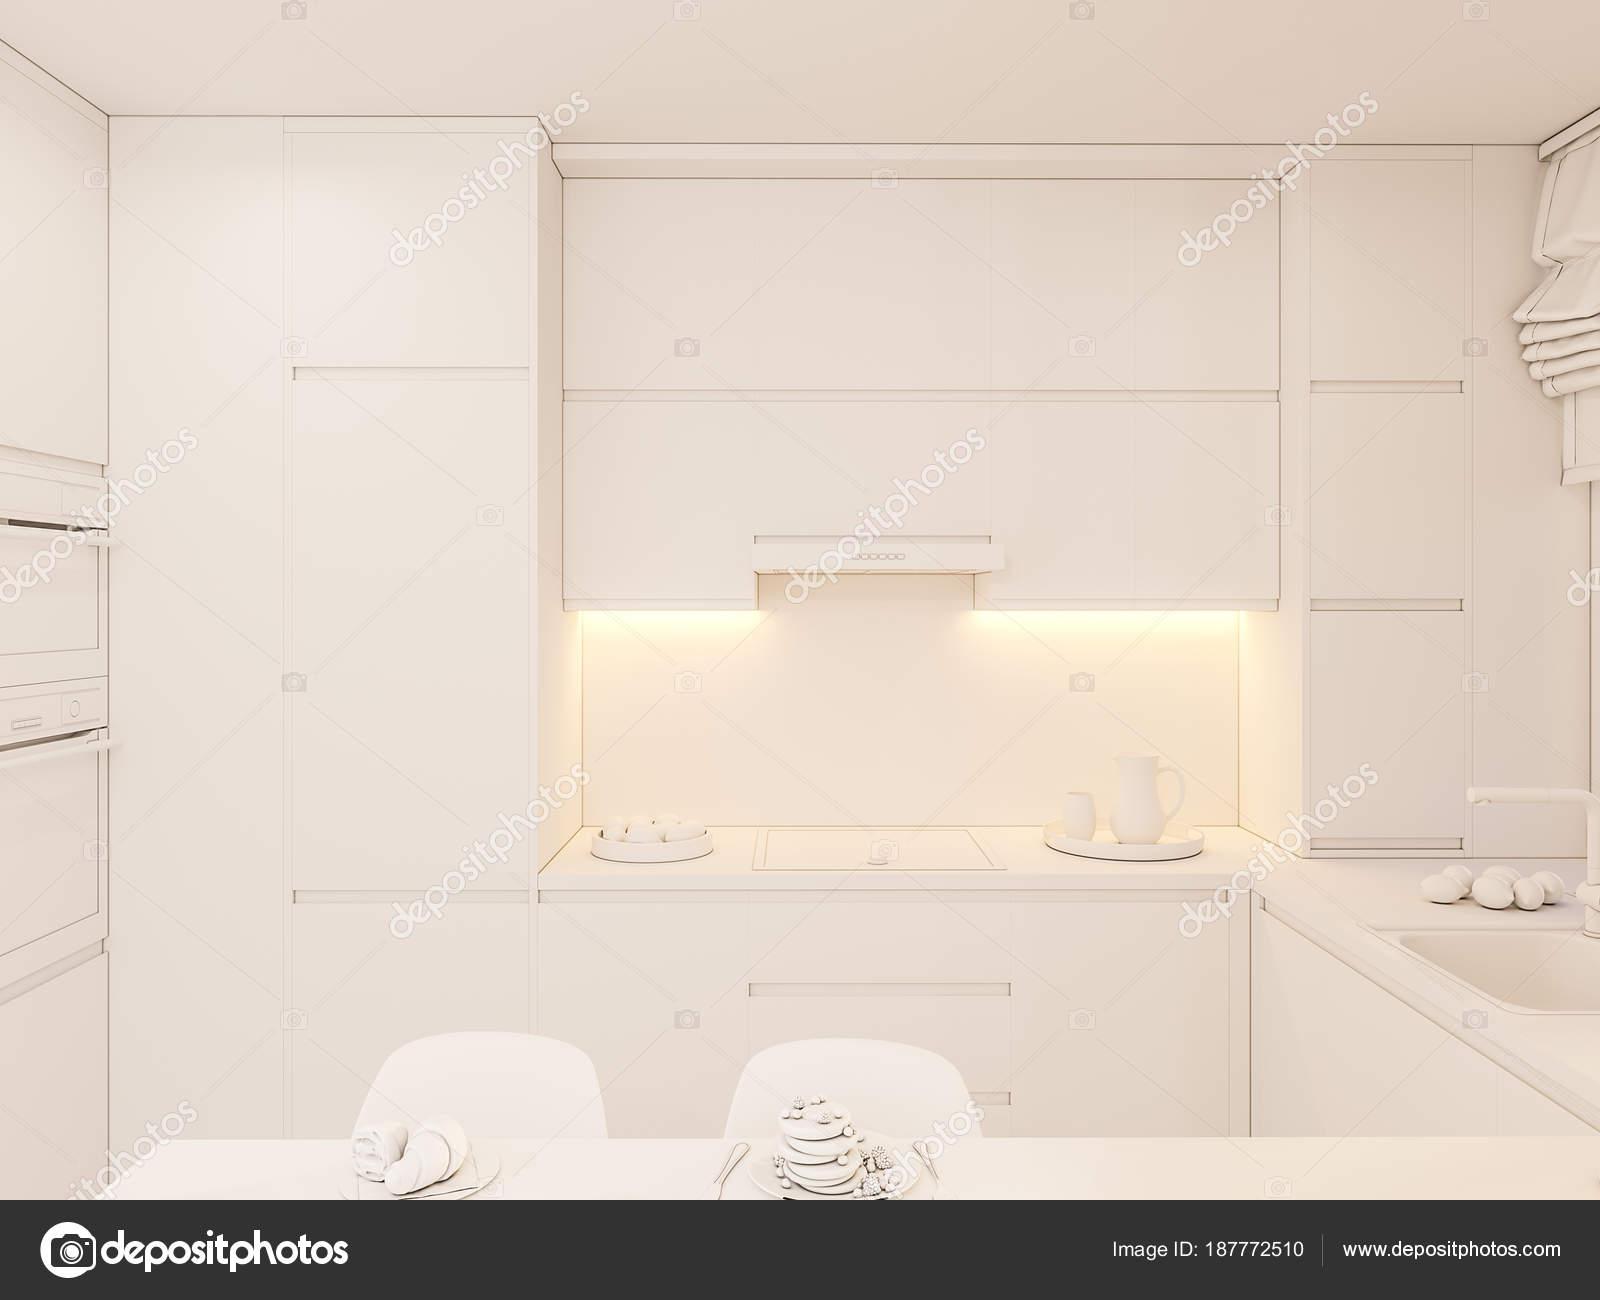 D illustratie keuken interieur in witte kleur u stockfoto